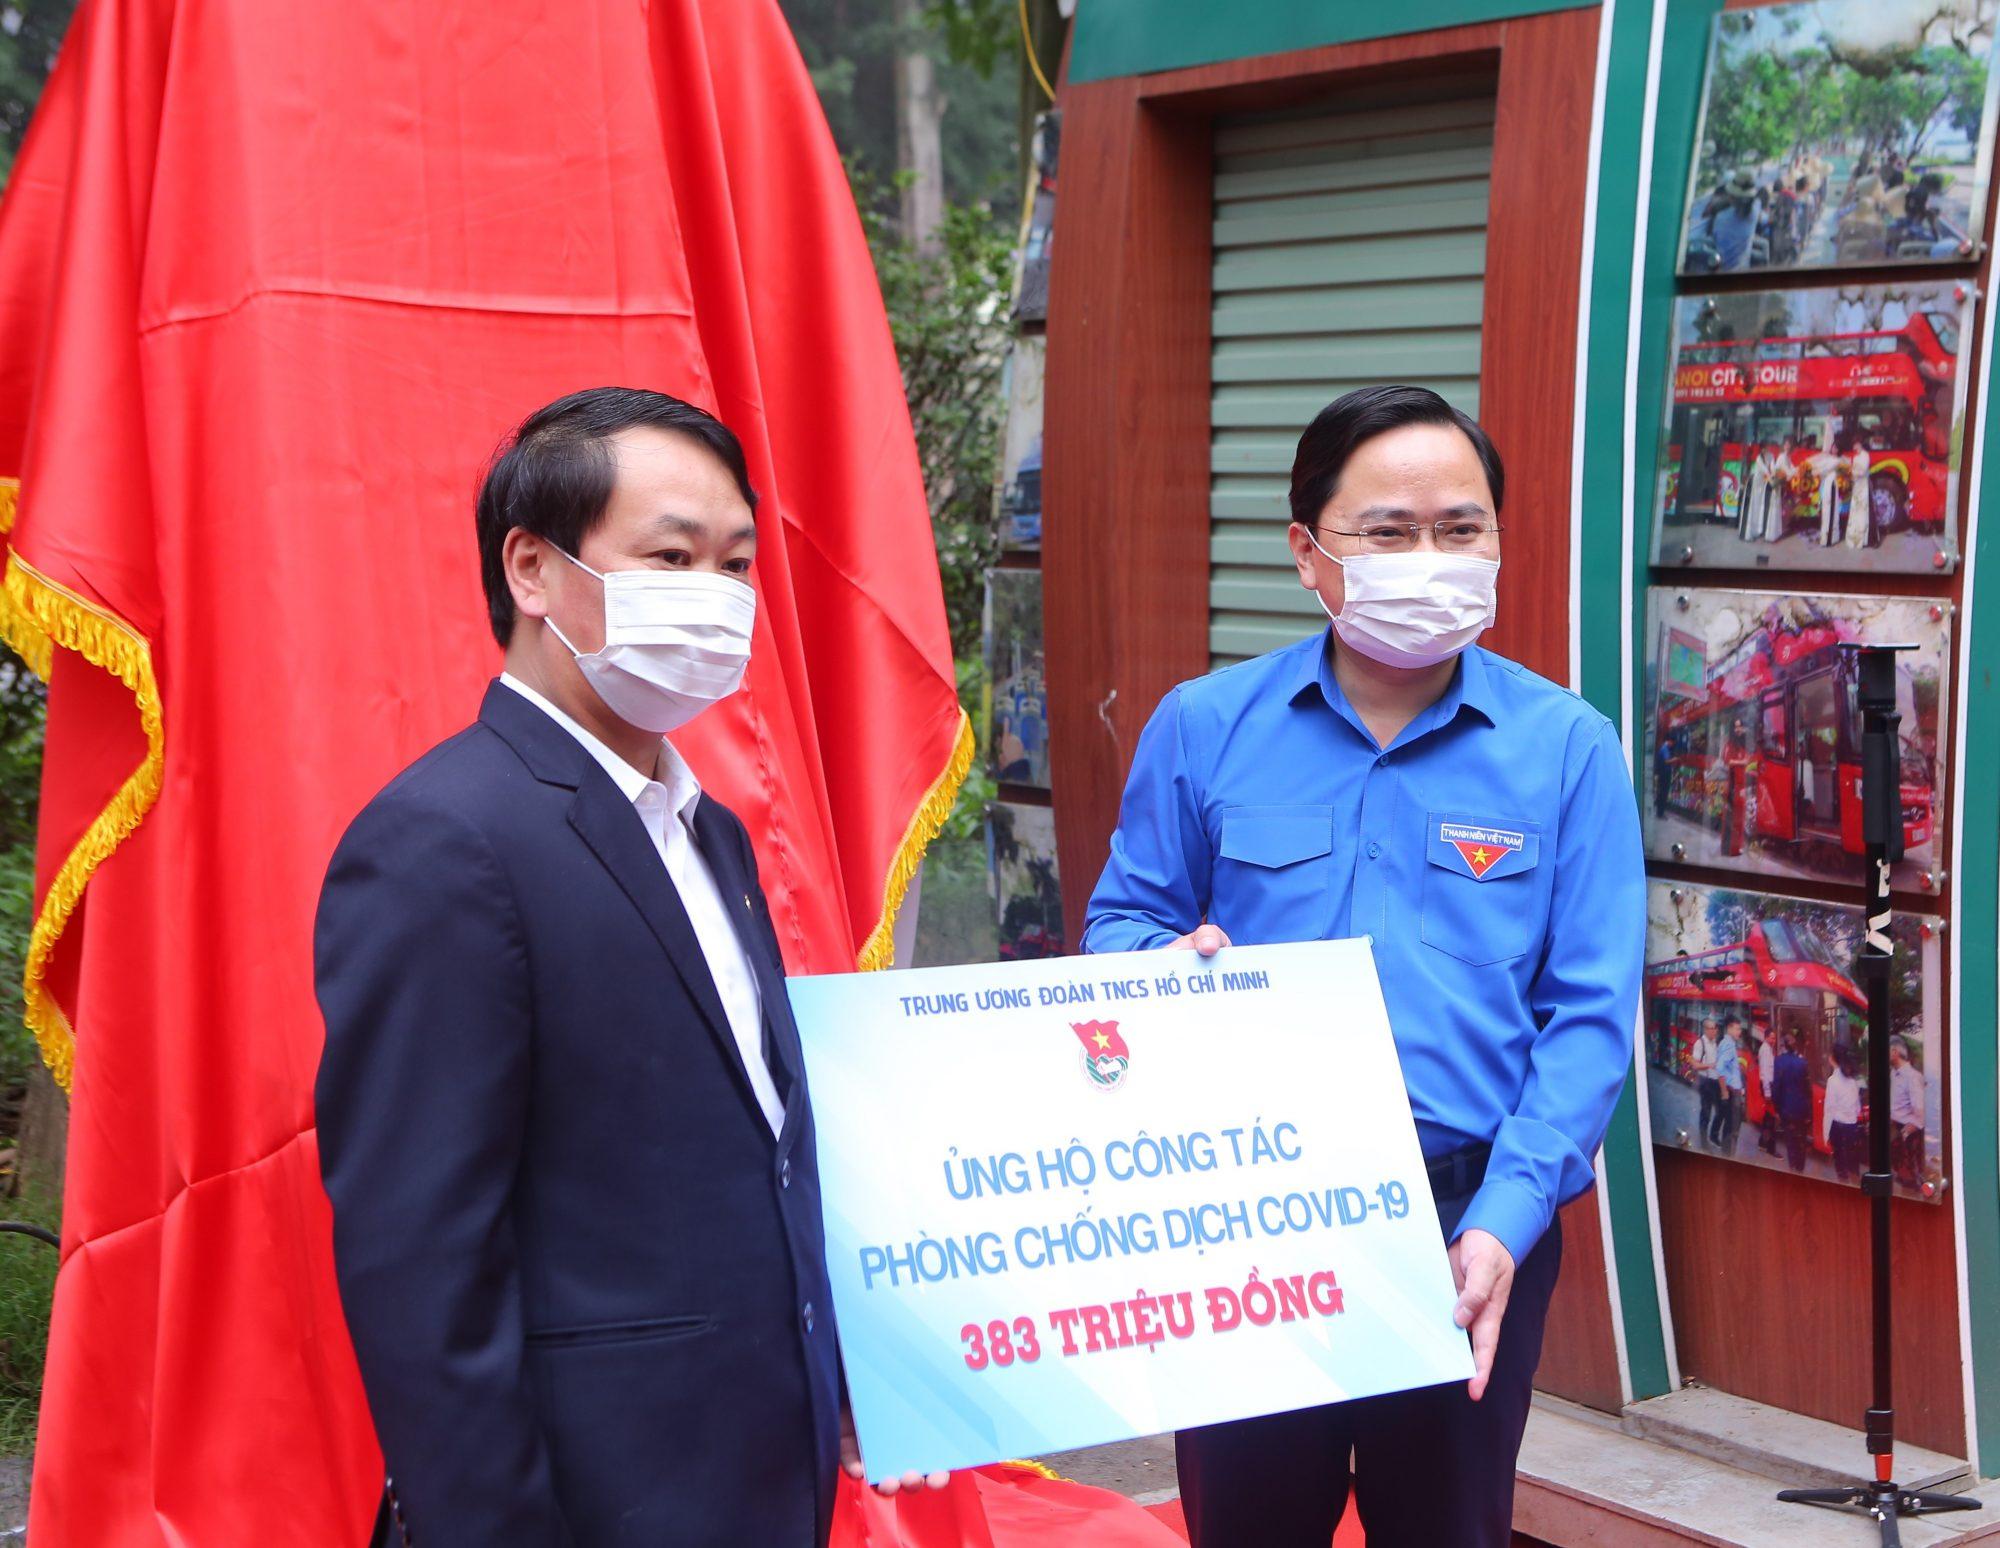 Sức khỏe - Chi Pu làm đại sứ của Quỹ 100 trạm rửa tay dã chiến phòng chống dịch Covid - 19 (Hình 2).